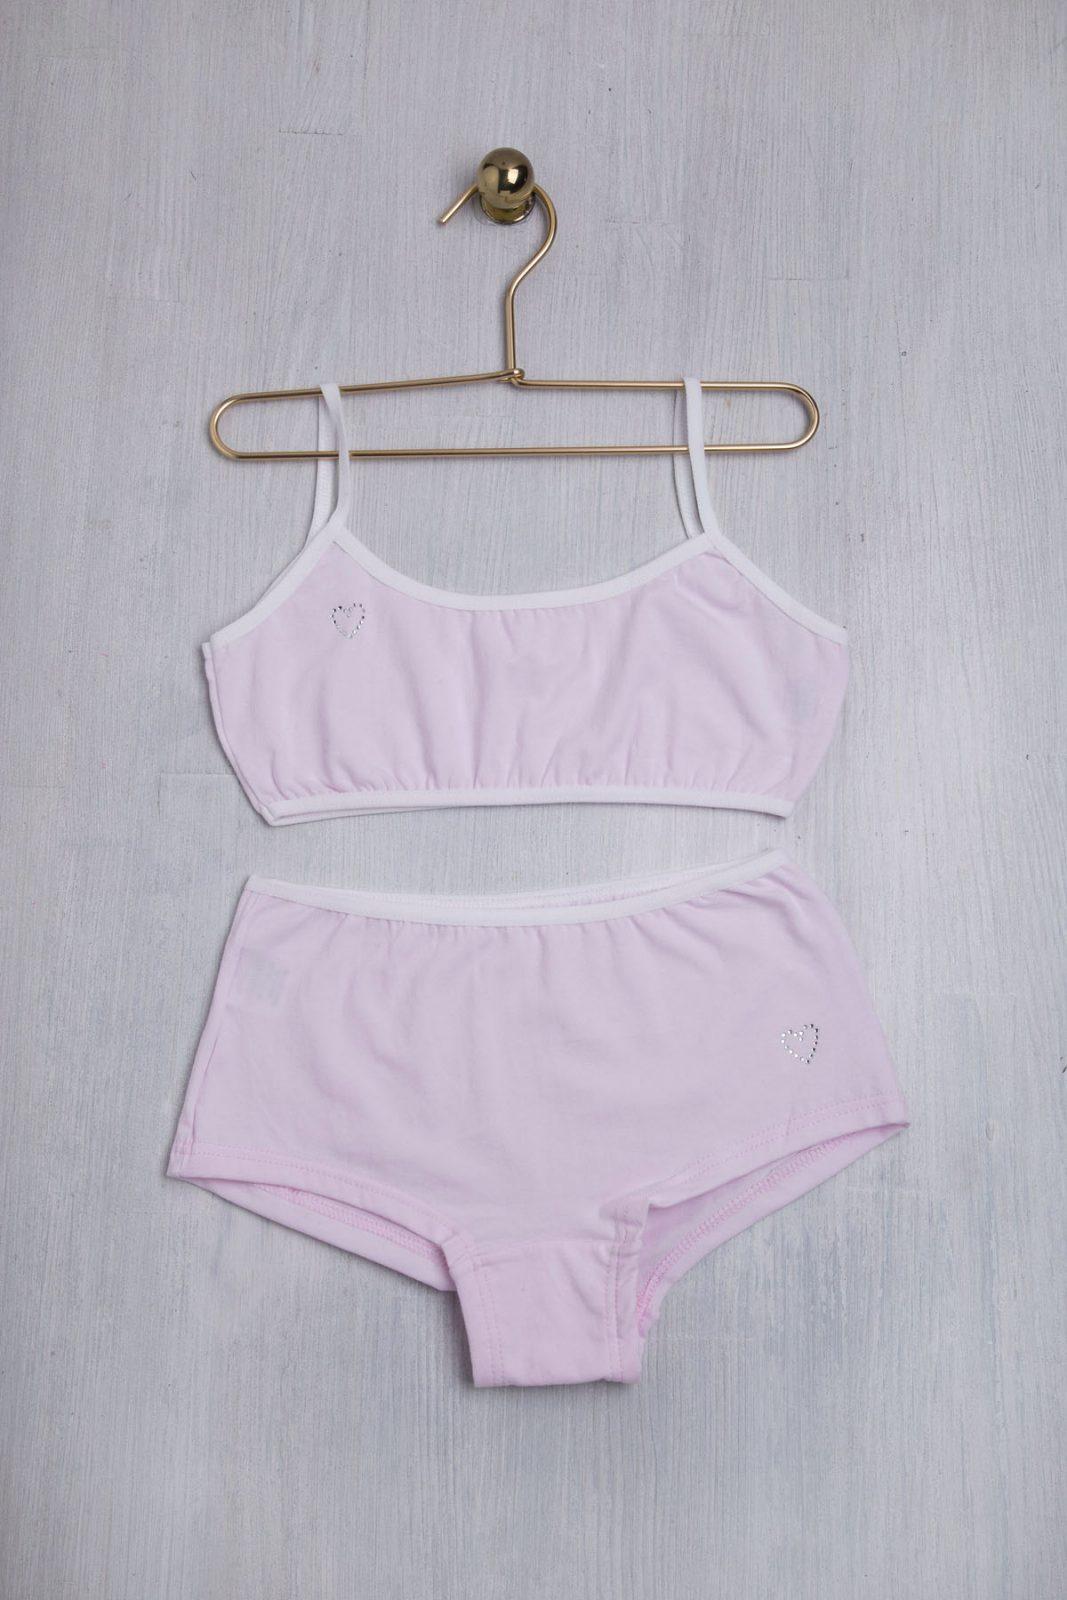 Σετ παιδικά εσώρουχα με μπουστάκι και μπόξερ σε ροζ χρώμα